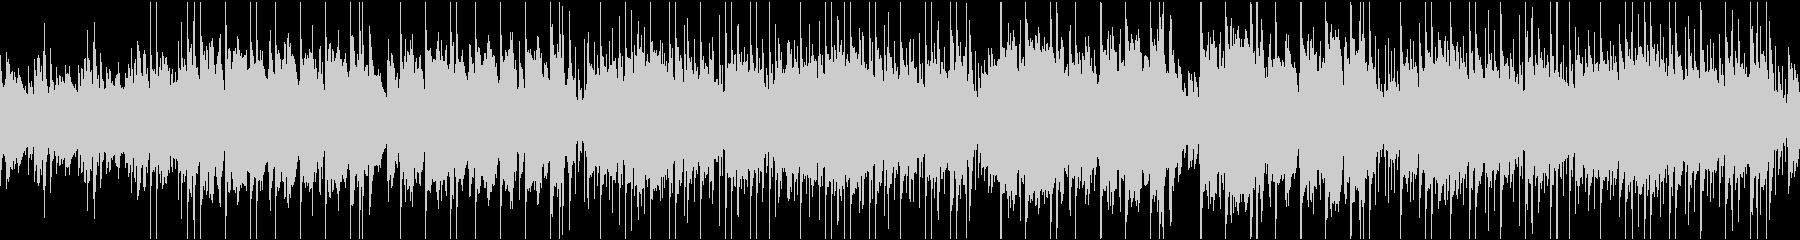 さわやかバイオリン/ループ/イントロ9秒の未再生の波形